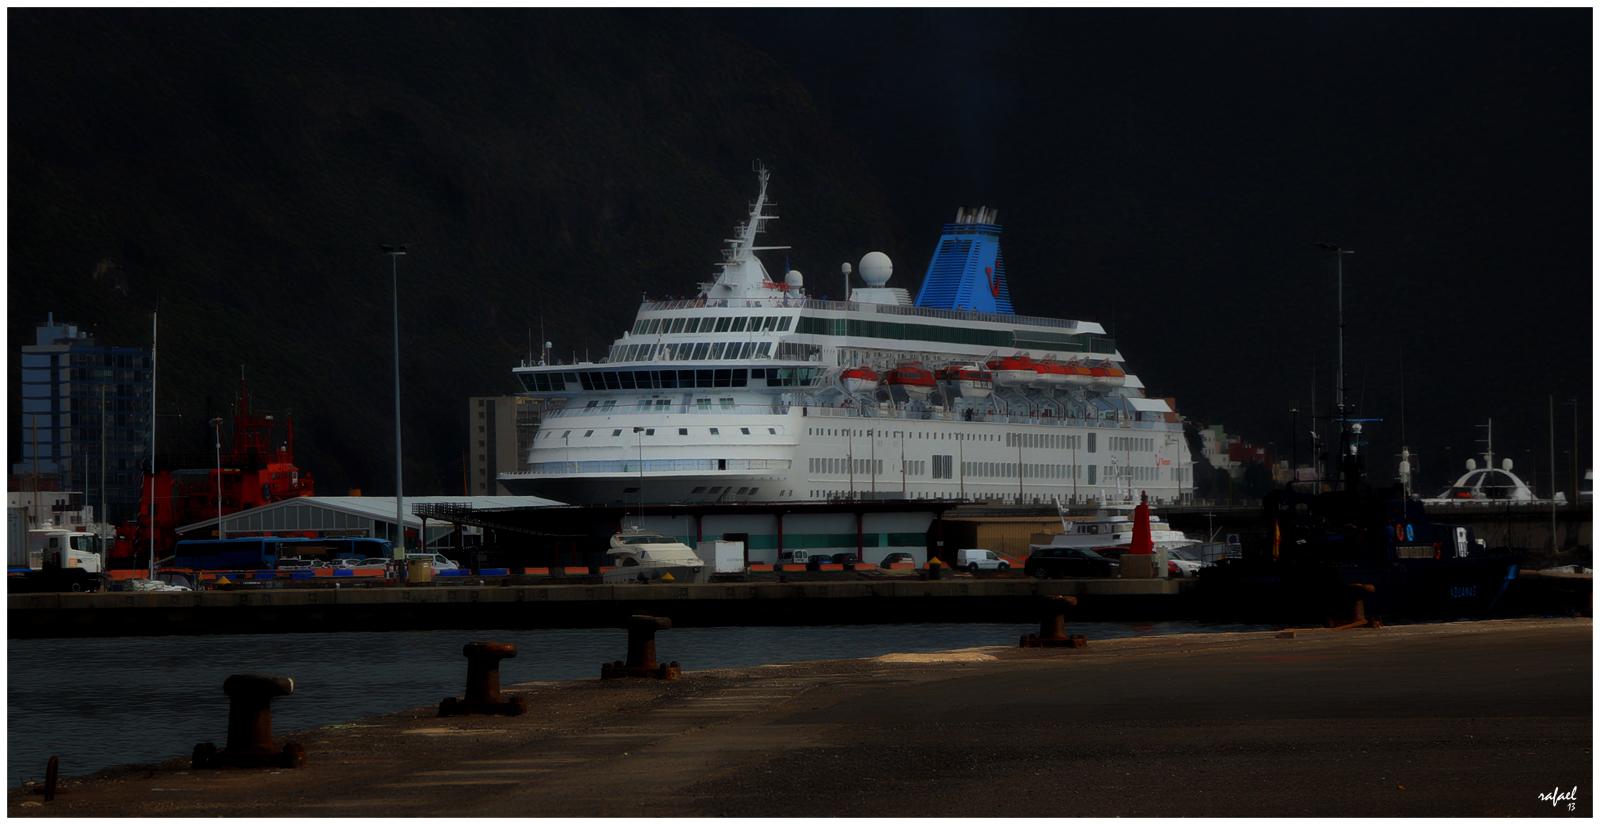 Cae la noche en el puerto